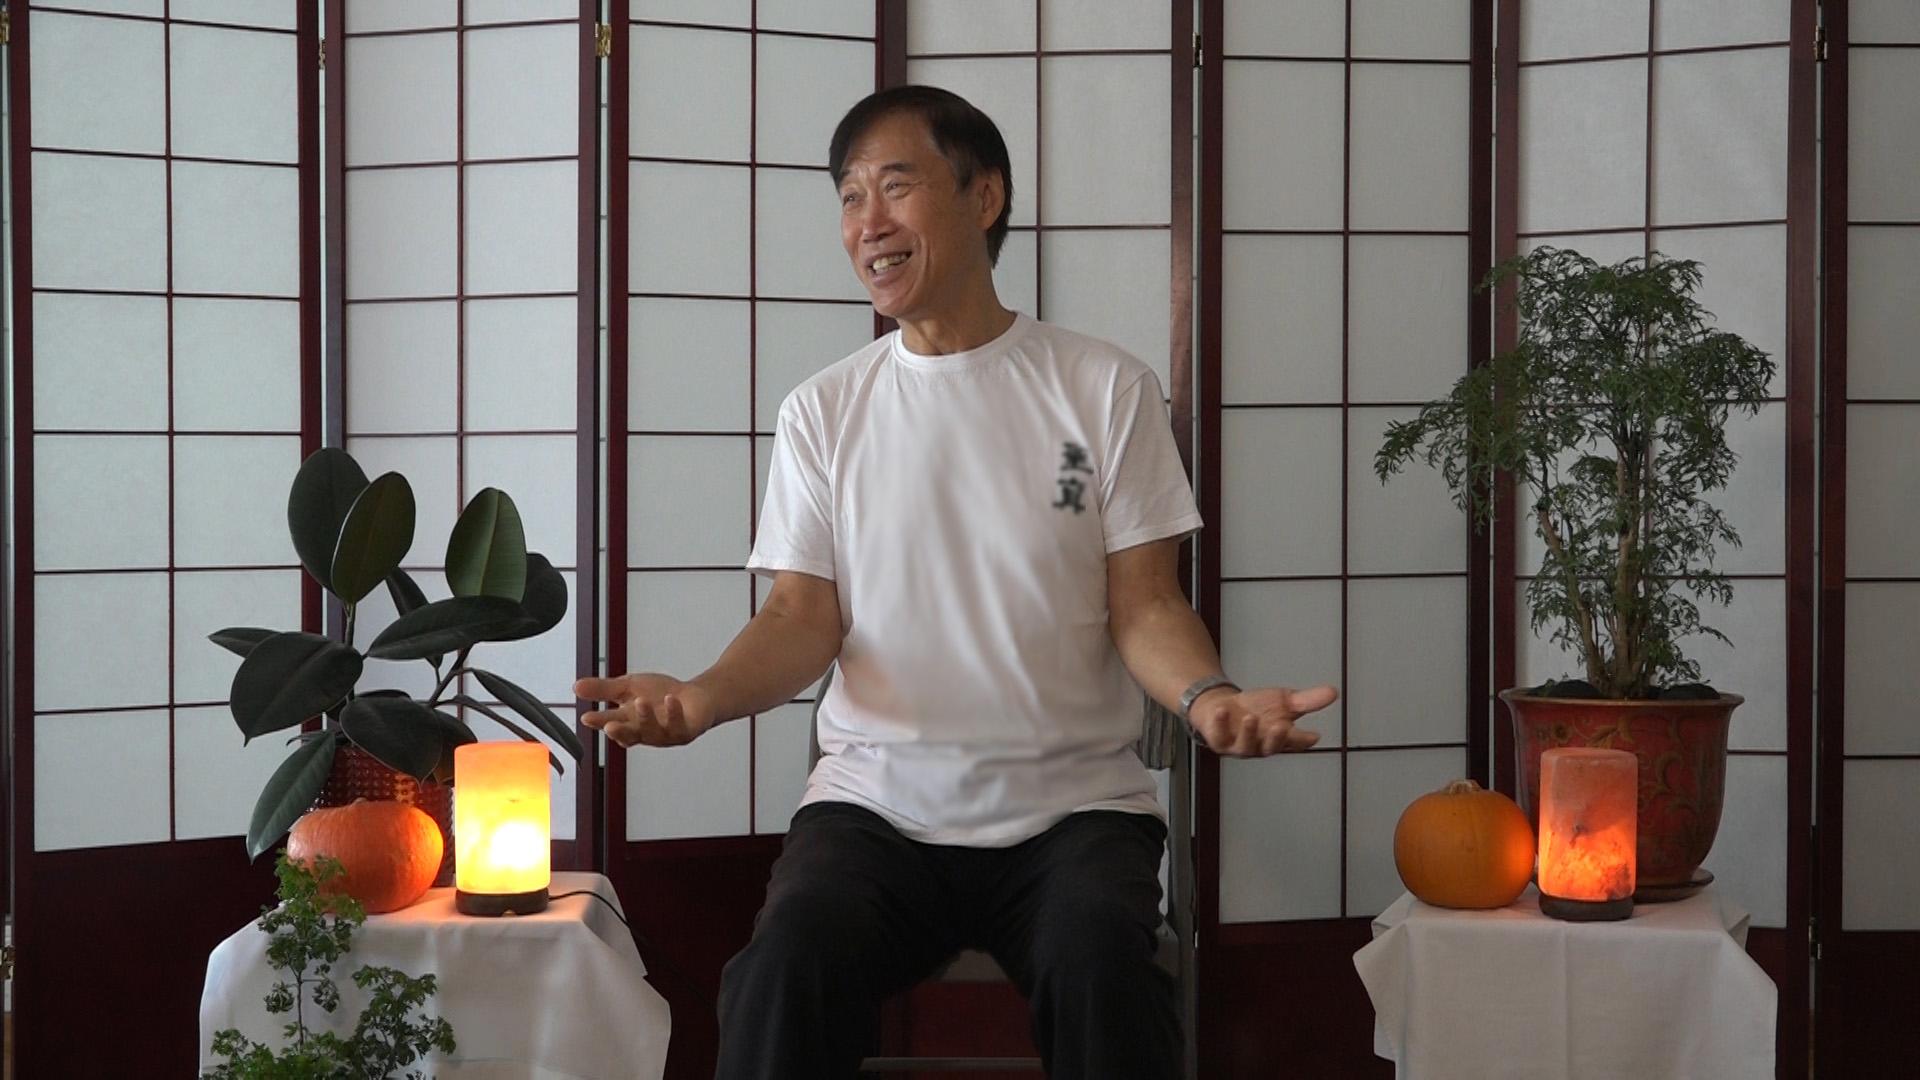 Master Li teaches Listening to the Heart - A form of Sheng Zhen Meditation